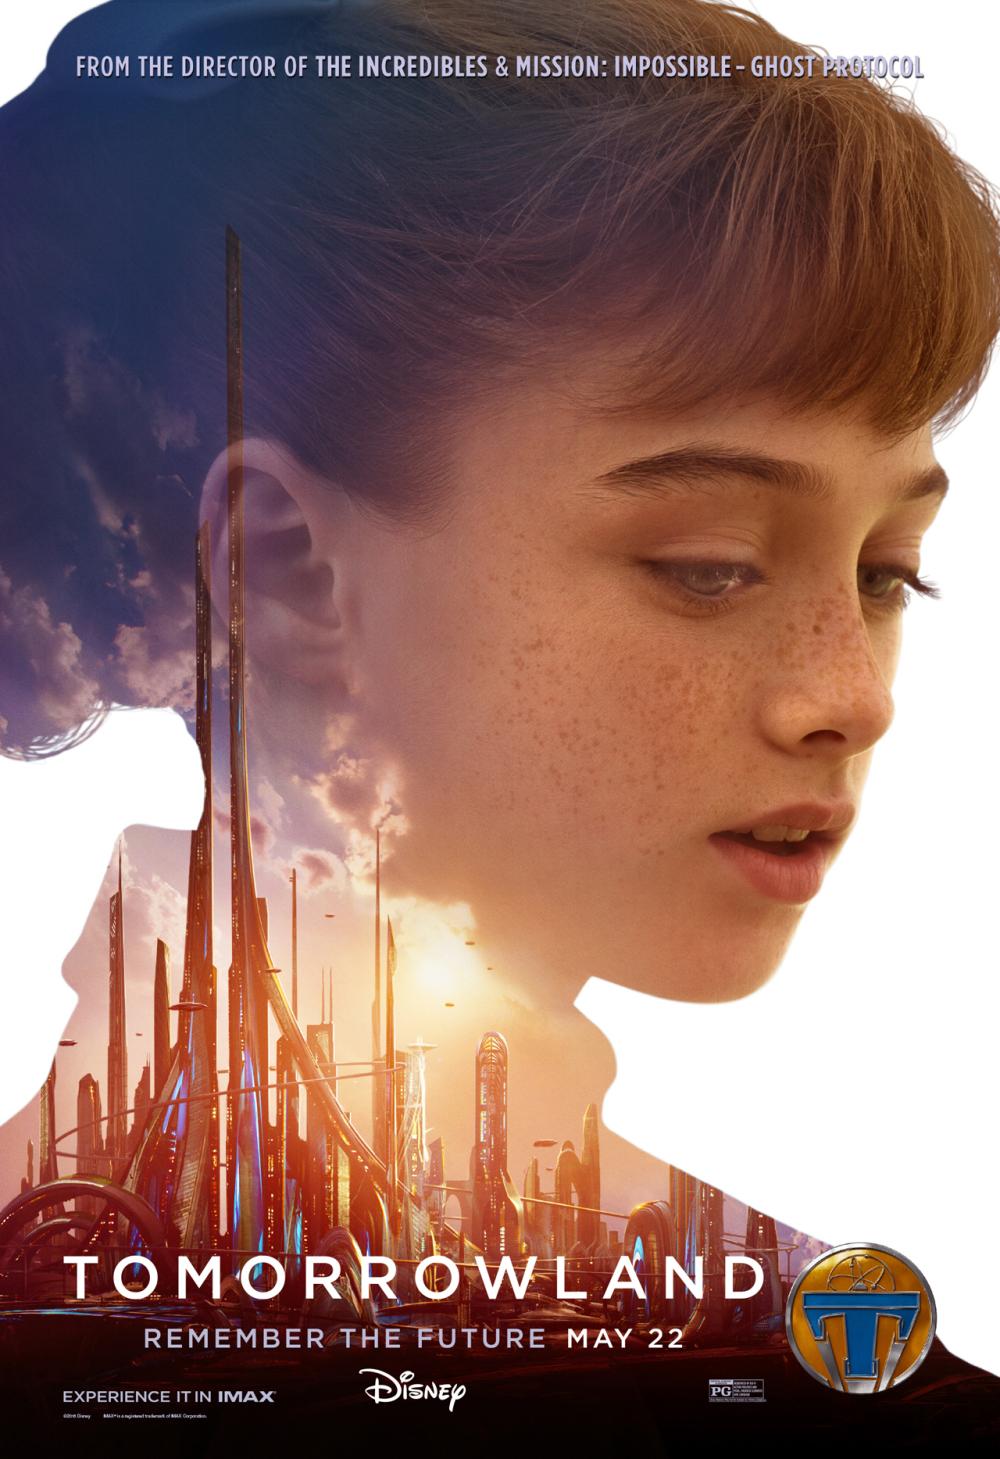 Disney geeft personageposters 'Project T' vrij